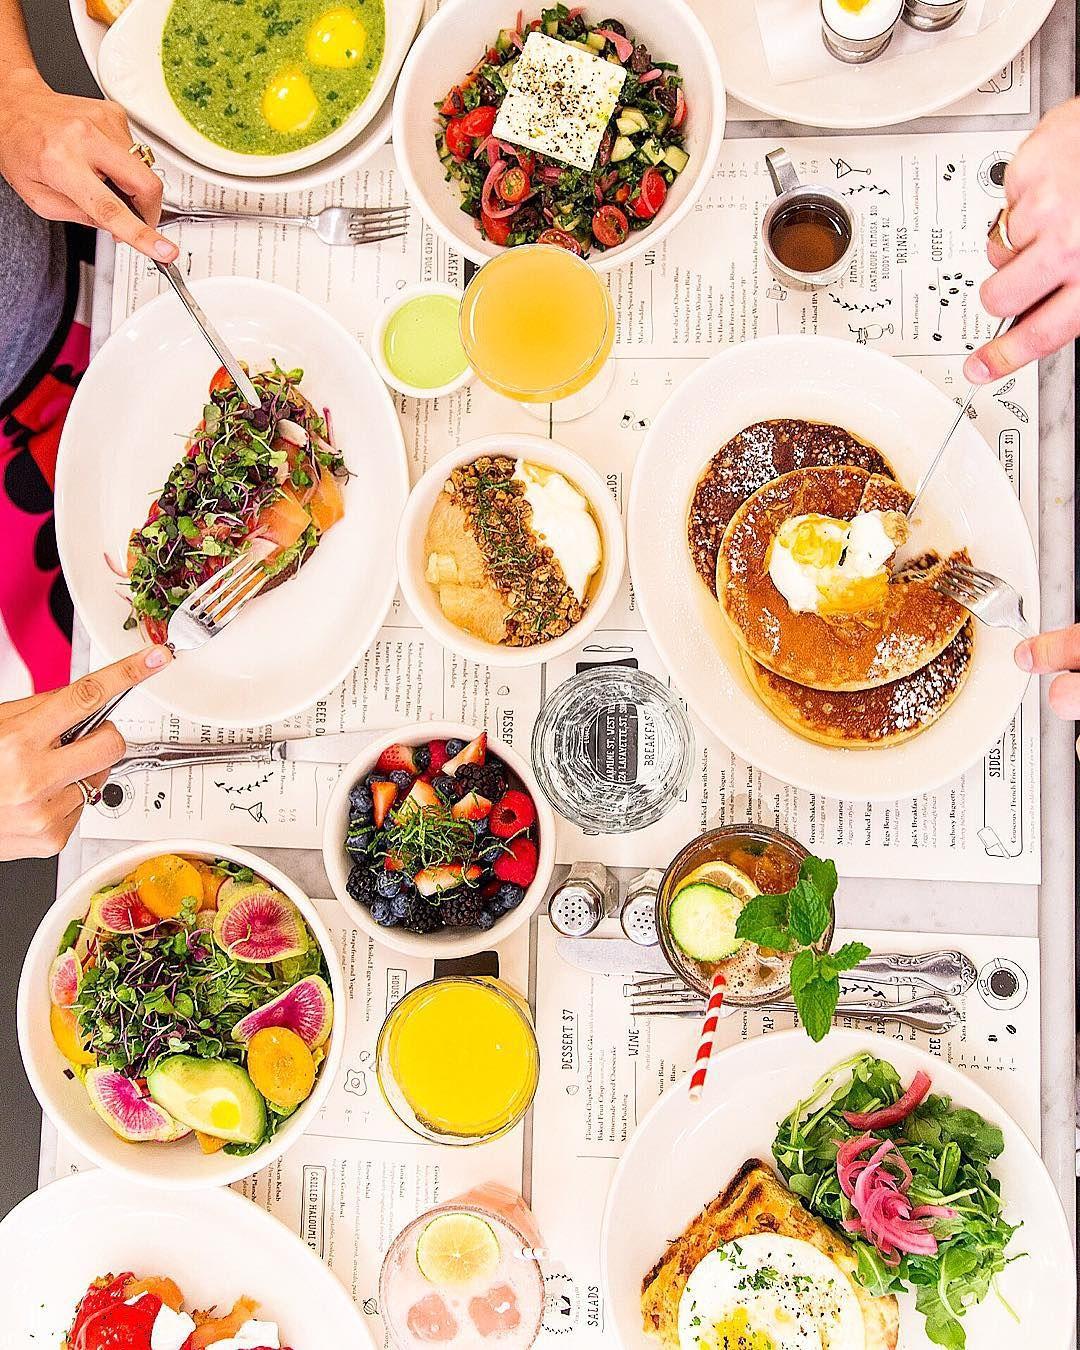 2016 Best Brunch Spots In Nyc Top New York City Brunch Restaurants